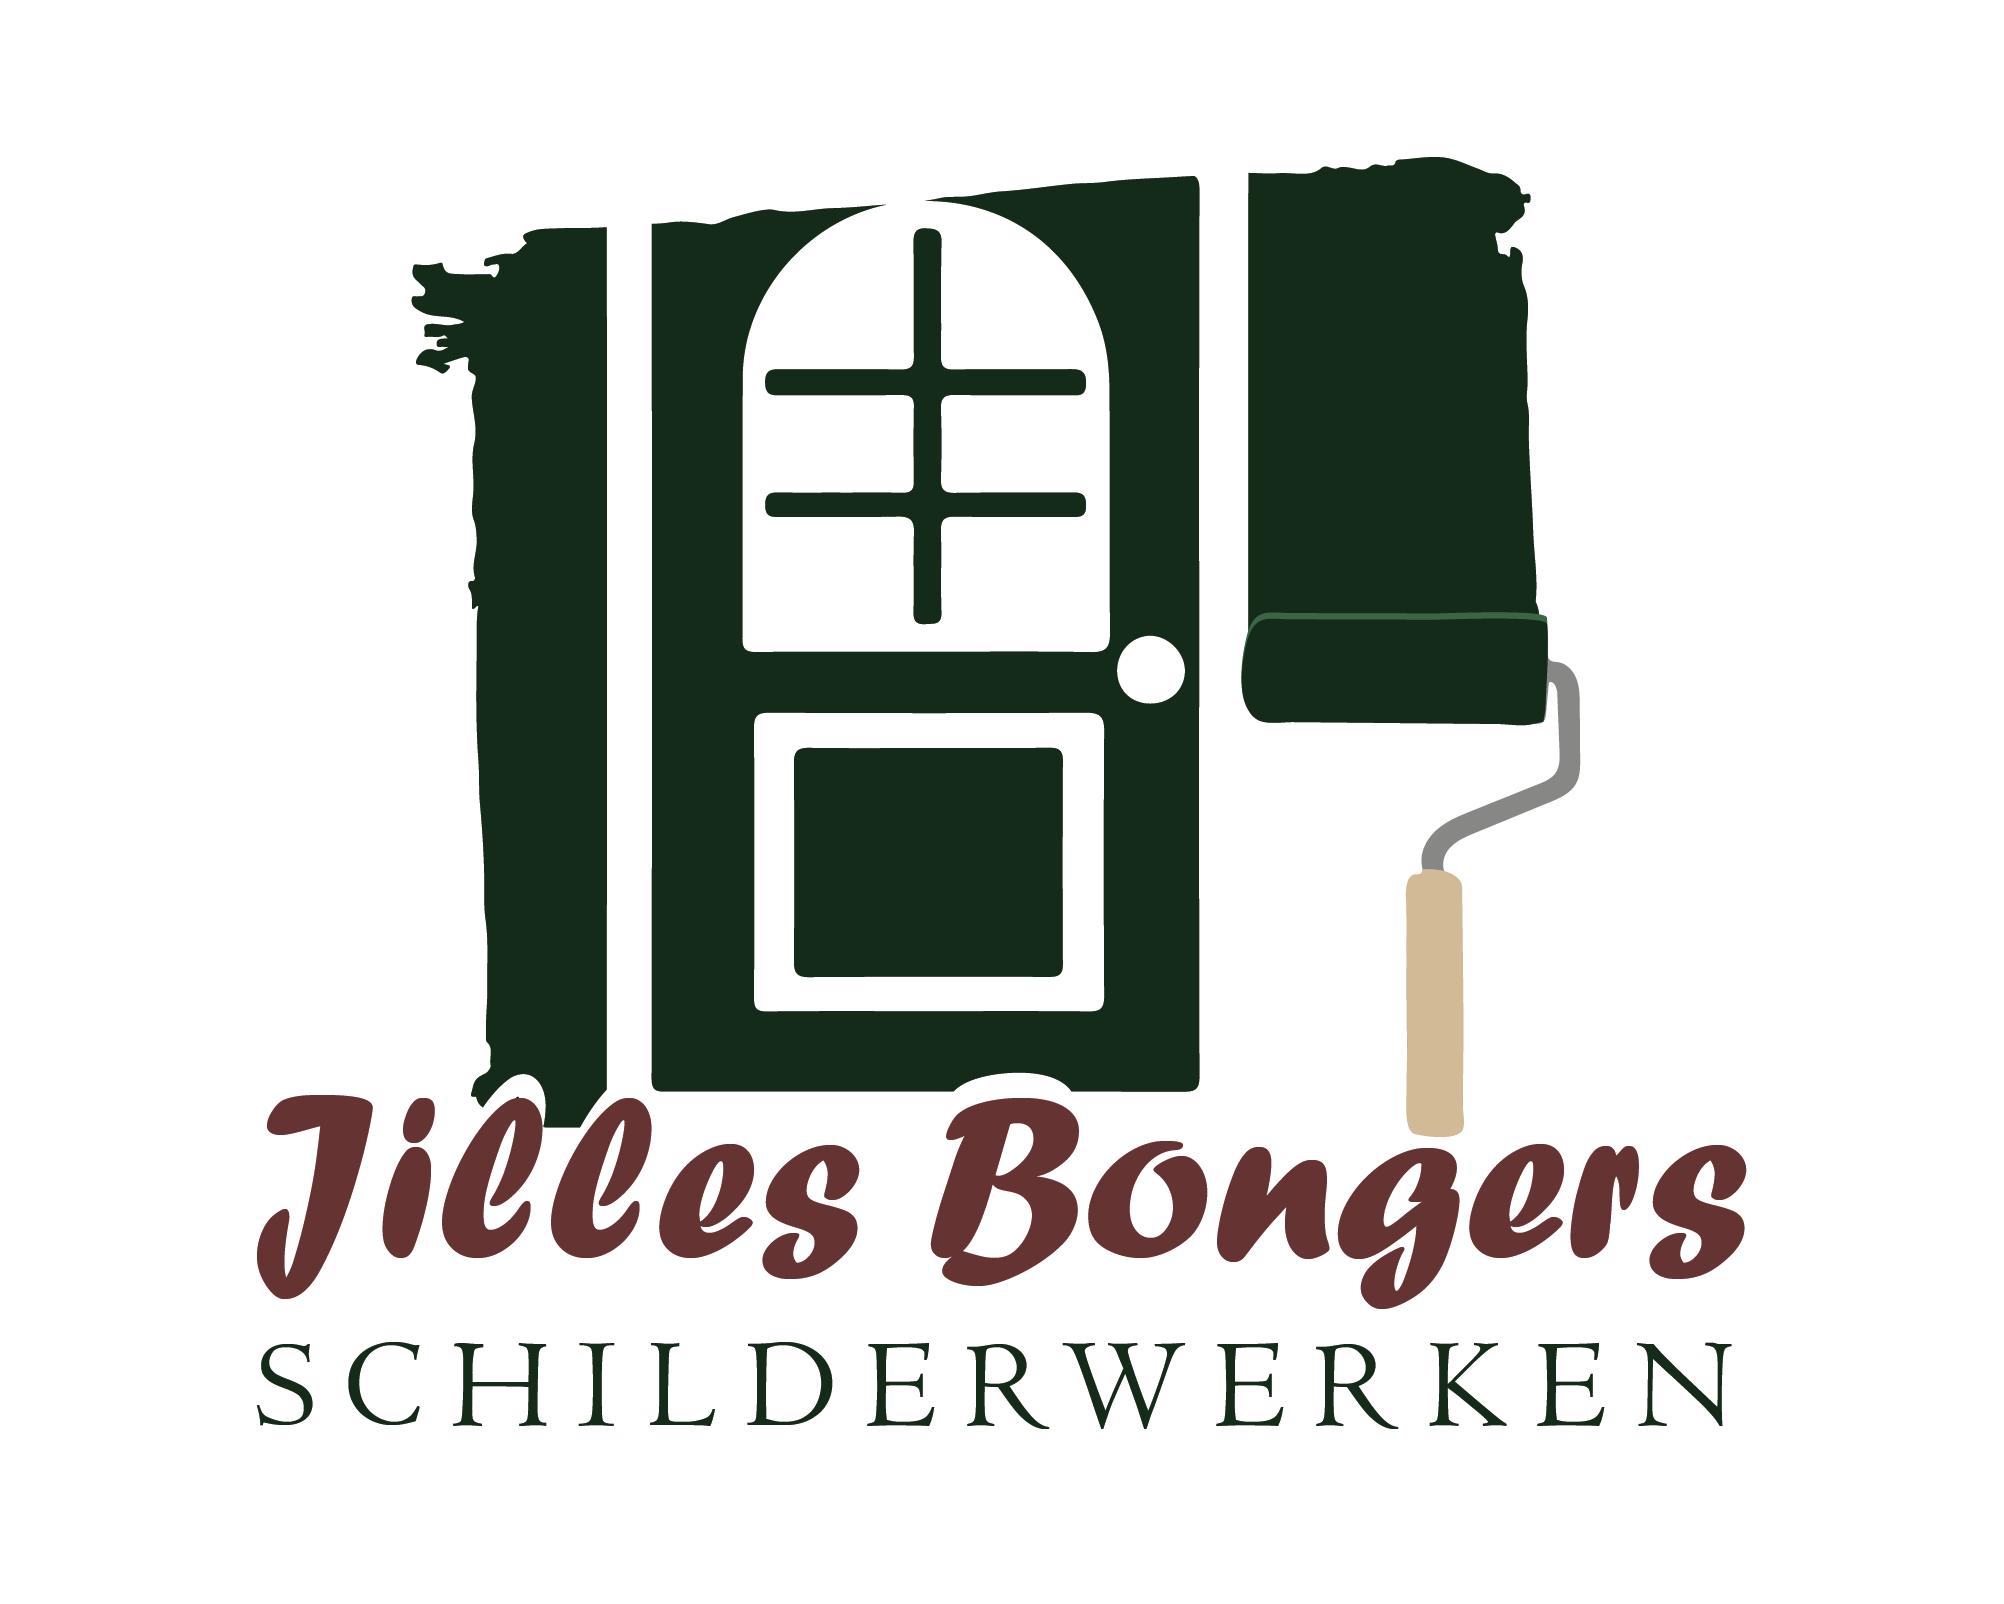 Jilles Bongers Schilderwerken